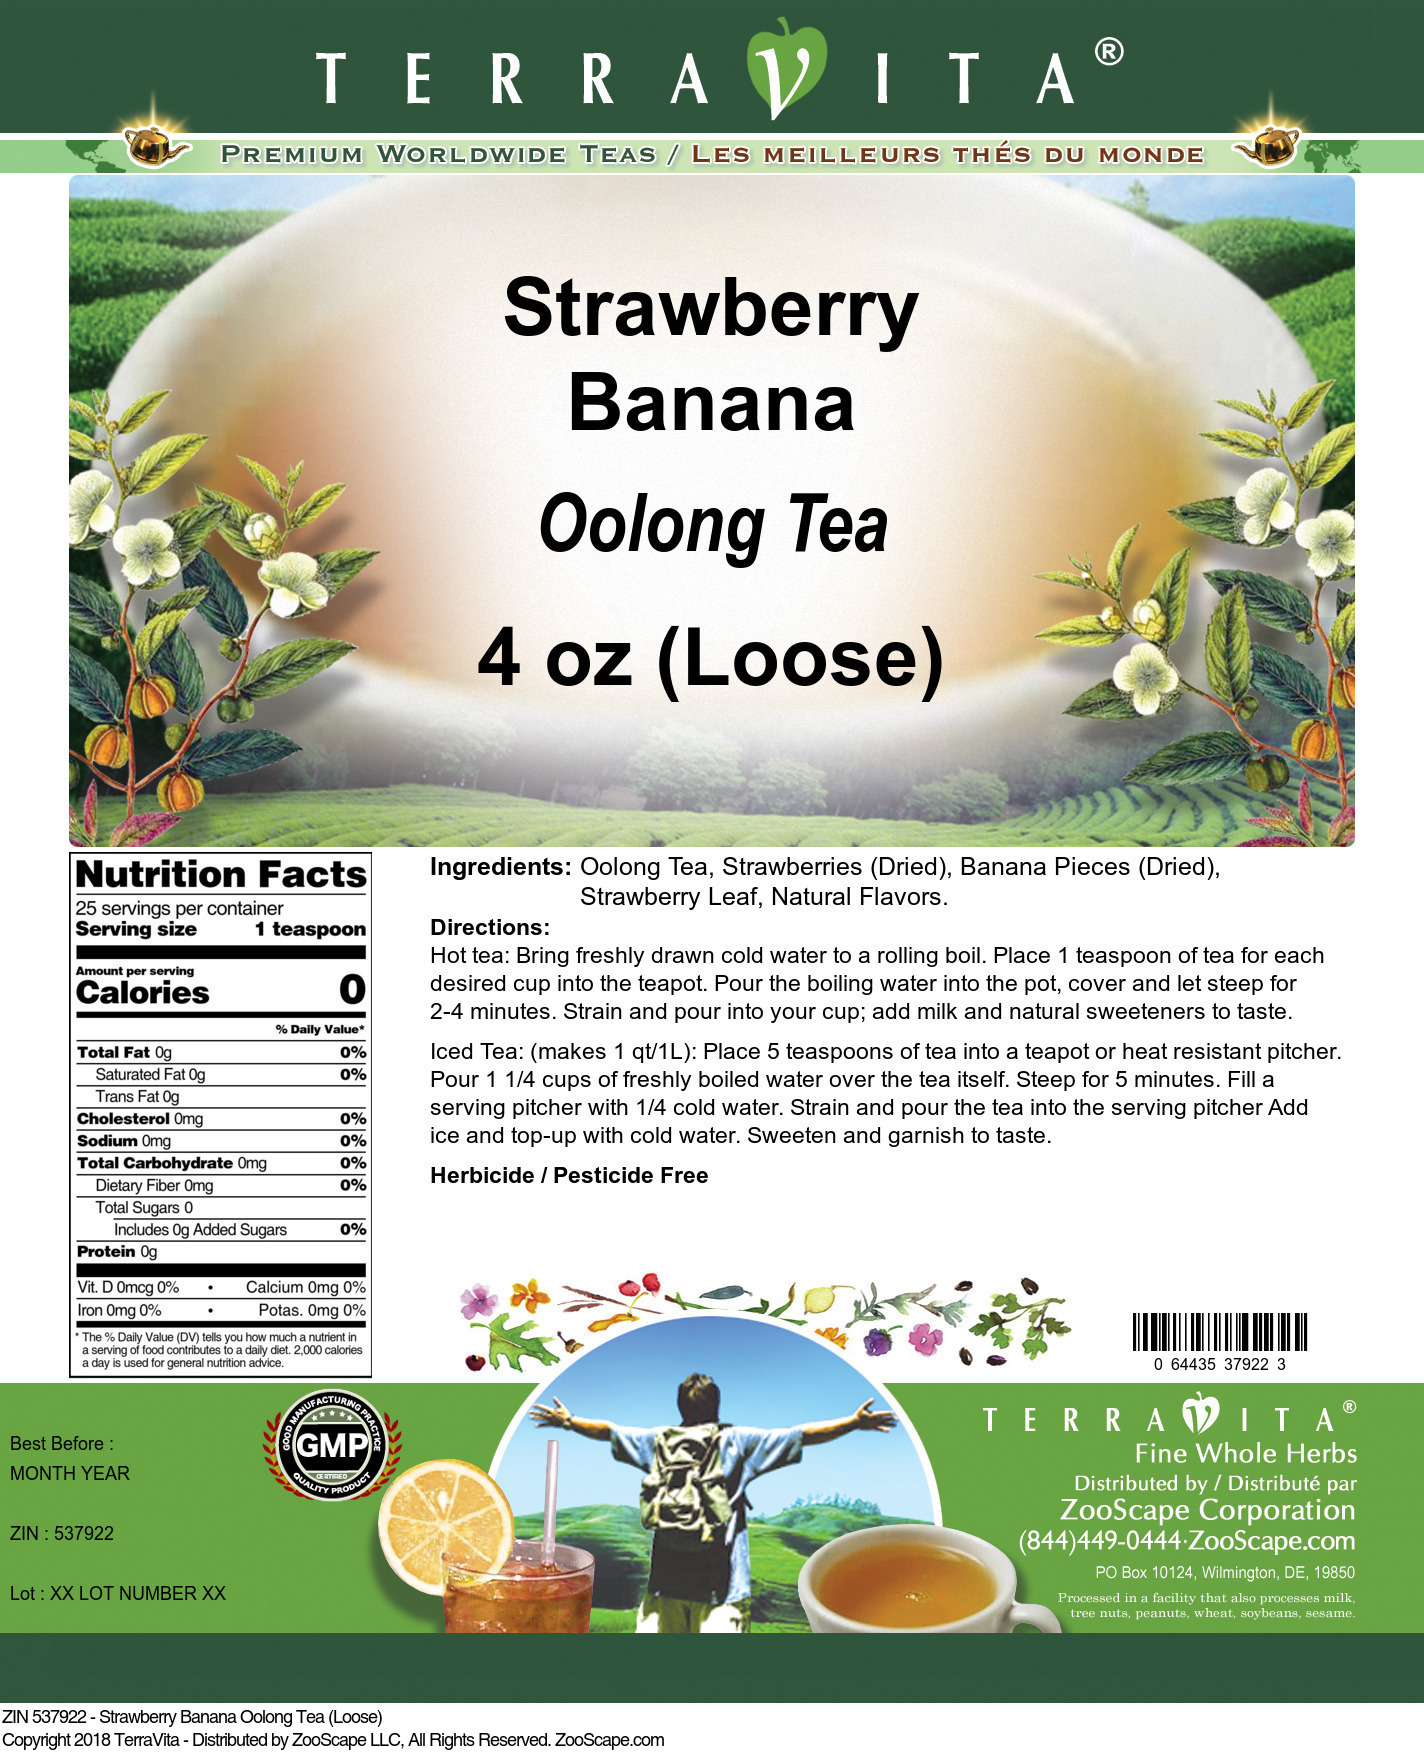 Strawberry Banana Oolong Tea (Loose)